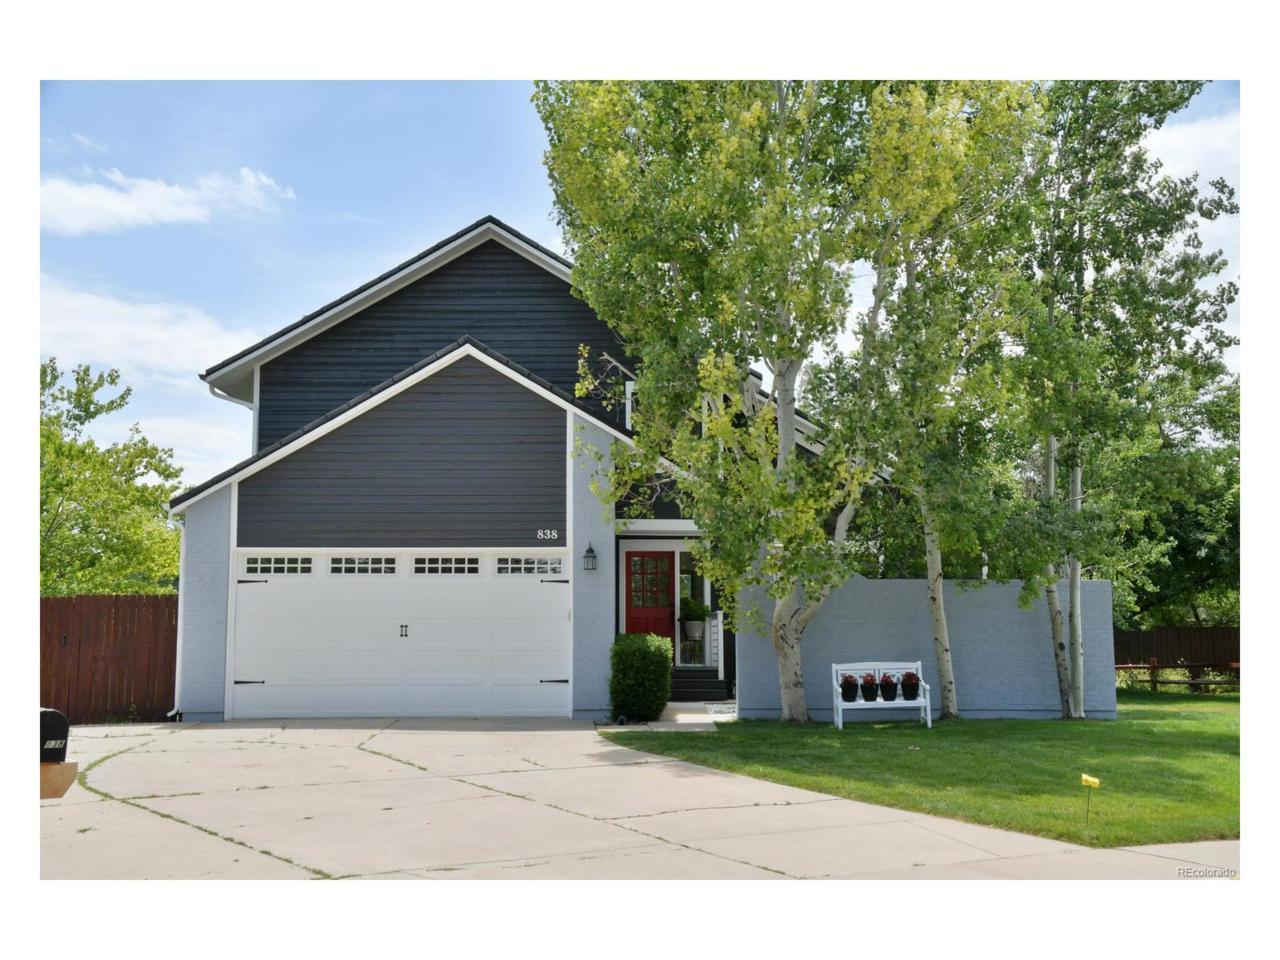 838 W Tamarisk Street, Louisville, CO 80027 (MLS #8458456) :: 8z Real Estate